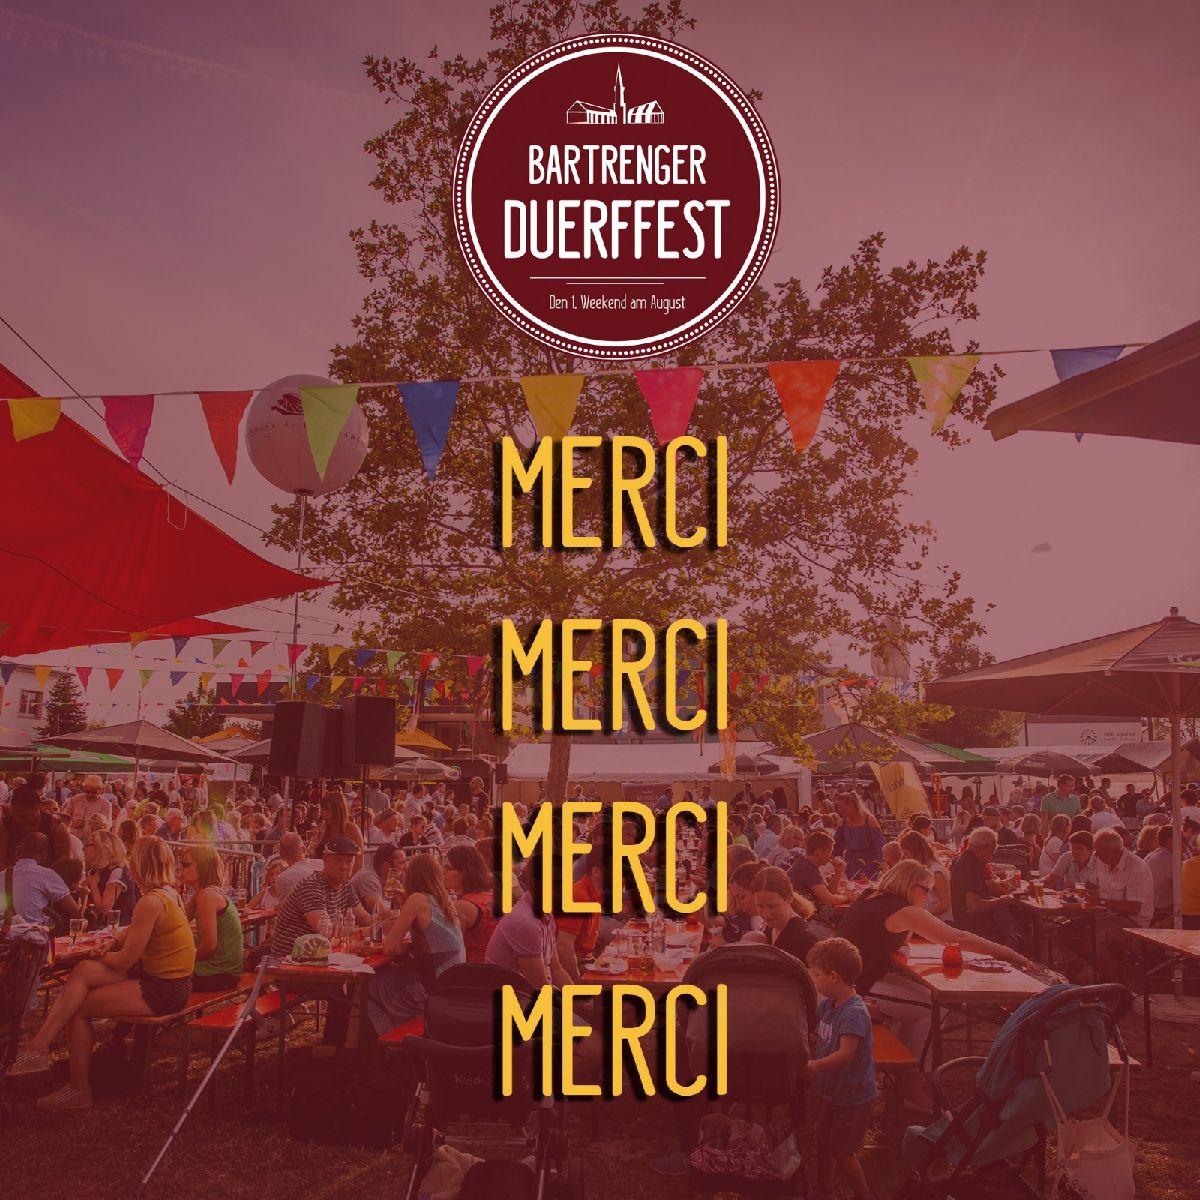 Bartrenger Duerffest 2021